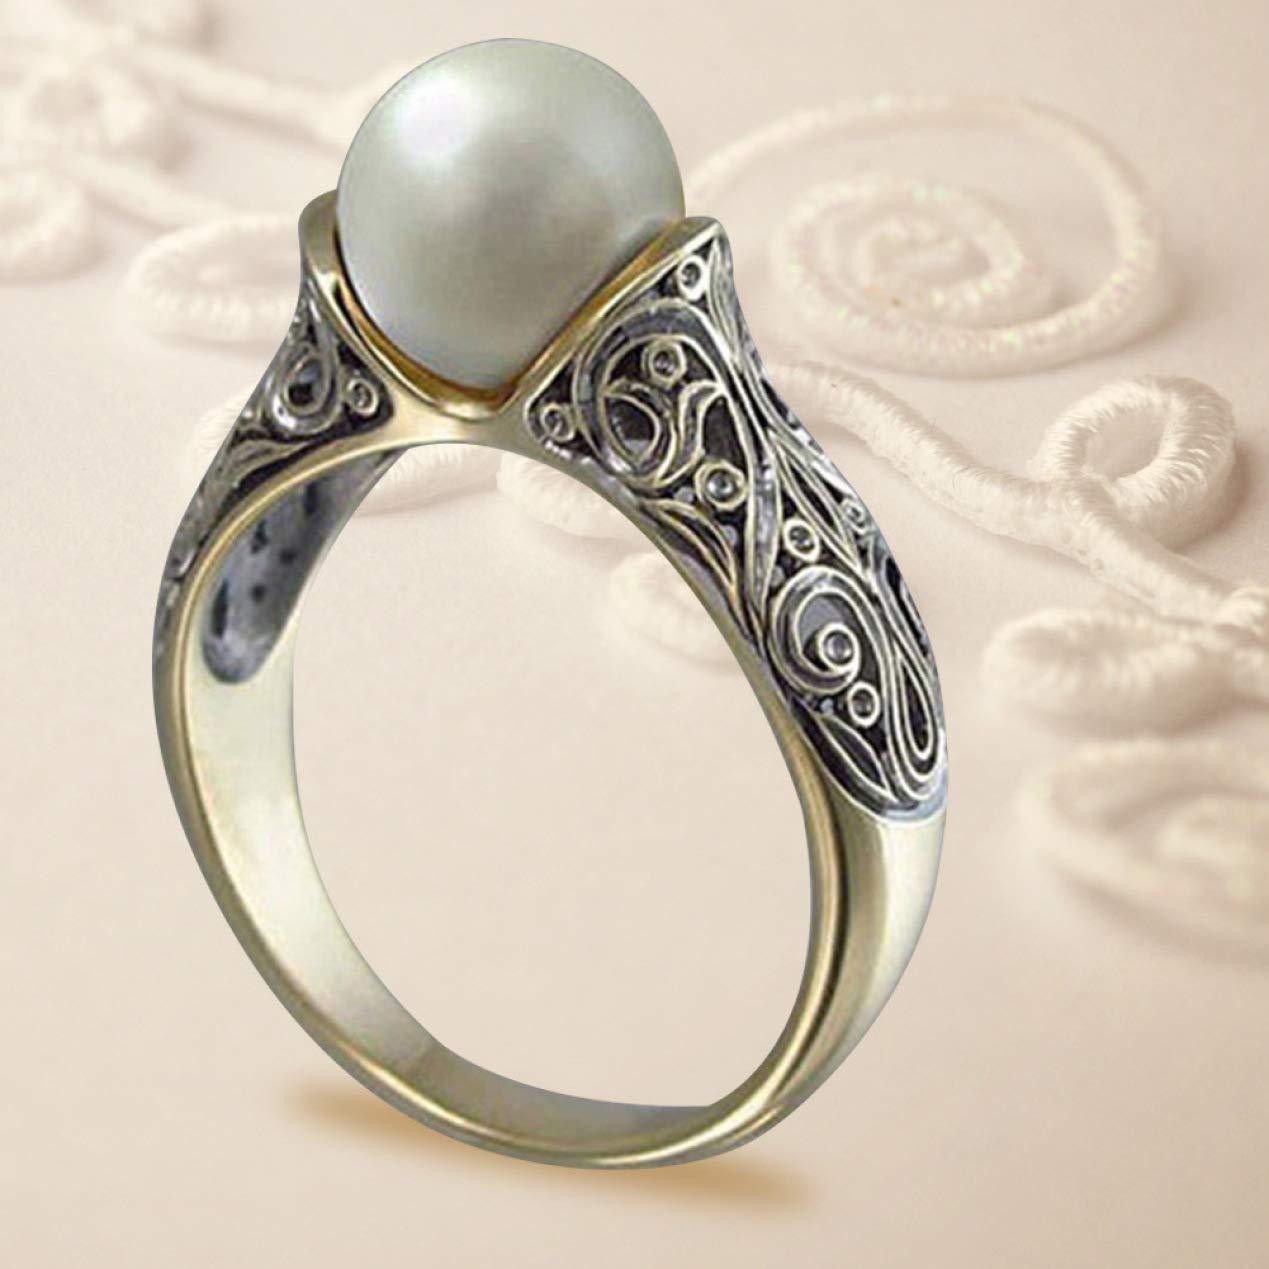 Fidanzamento Anello Vintage Placcato con Perle Bianche Artificiali qindegong Casual Anello da Donna per Matrimonio